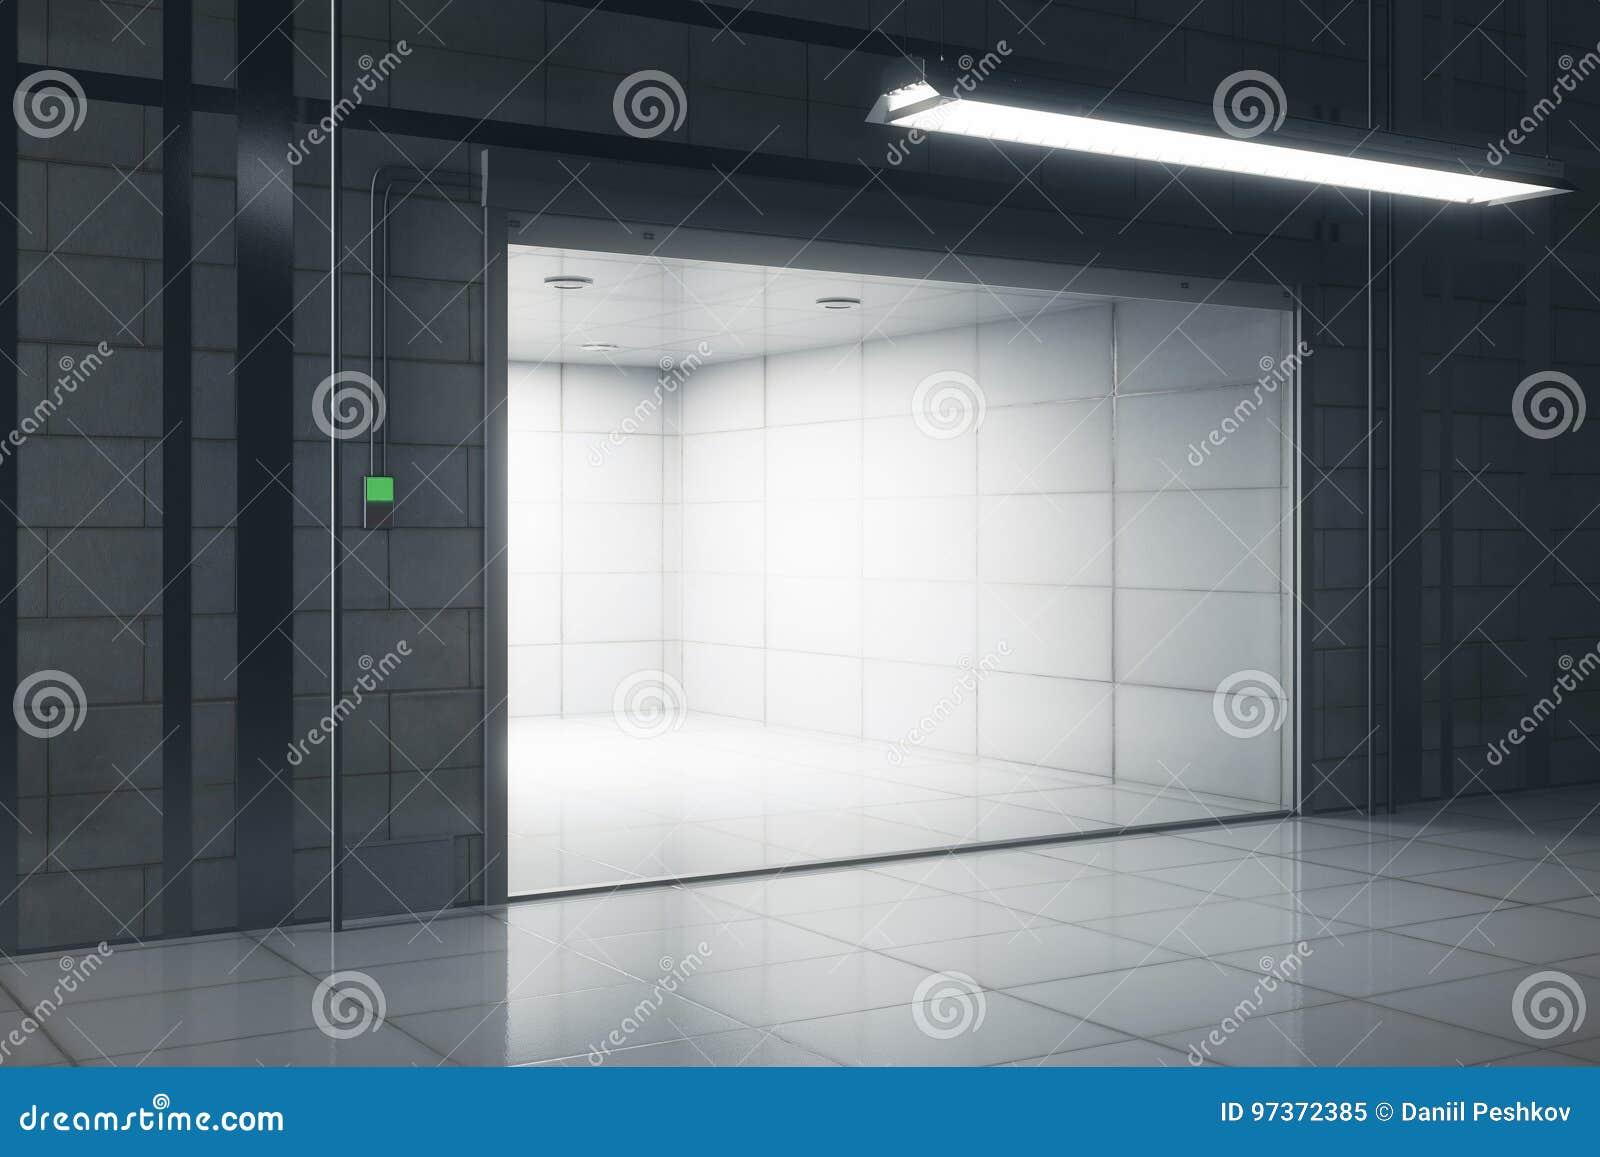 Fußboden Garage ~ Kreative garage mit geöffneter türseite stock abbildung